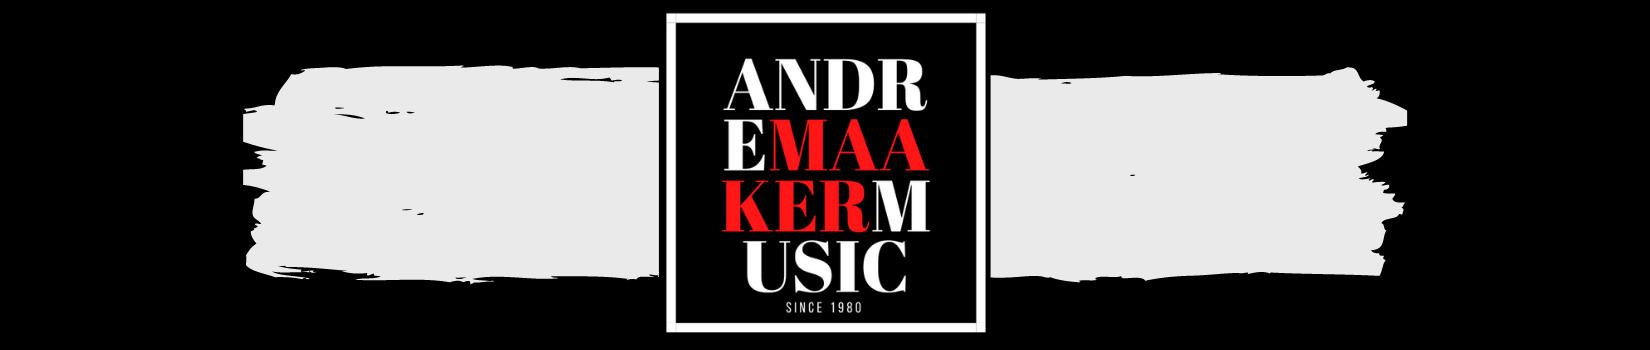 AndreMaakerMusic